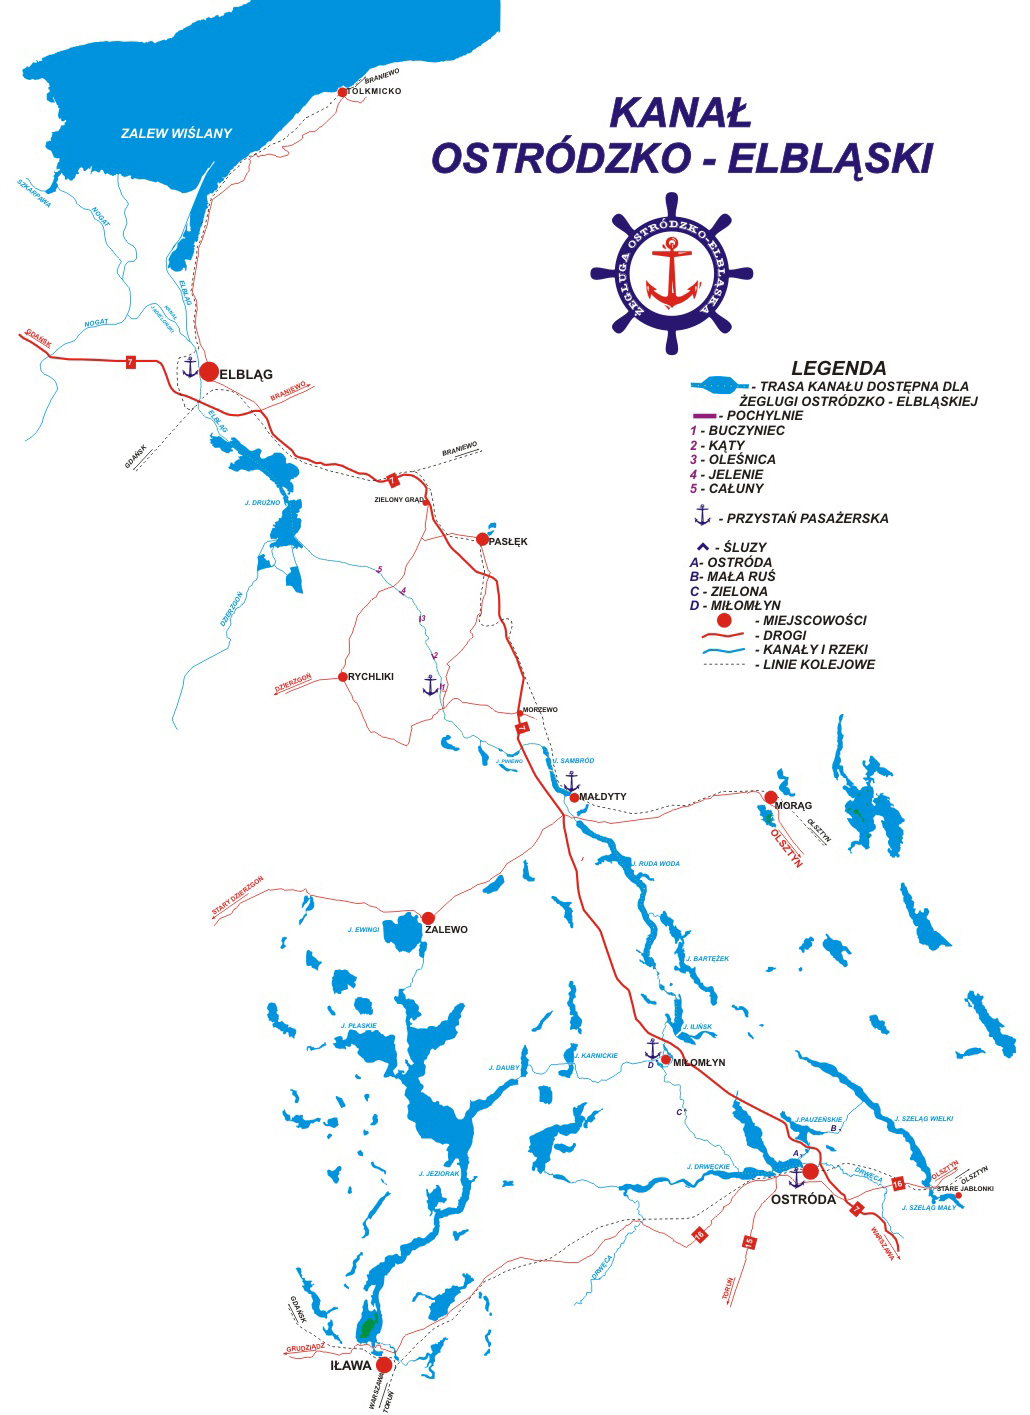 Bildergebnis für kanal ostrodzko-elblaski karte